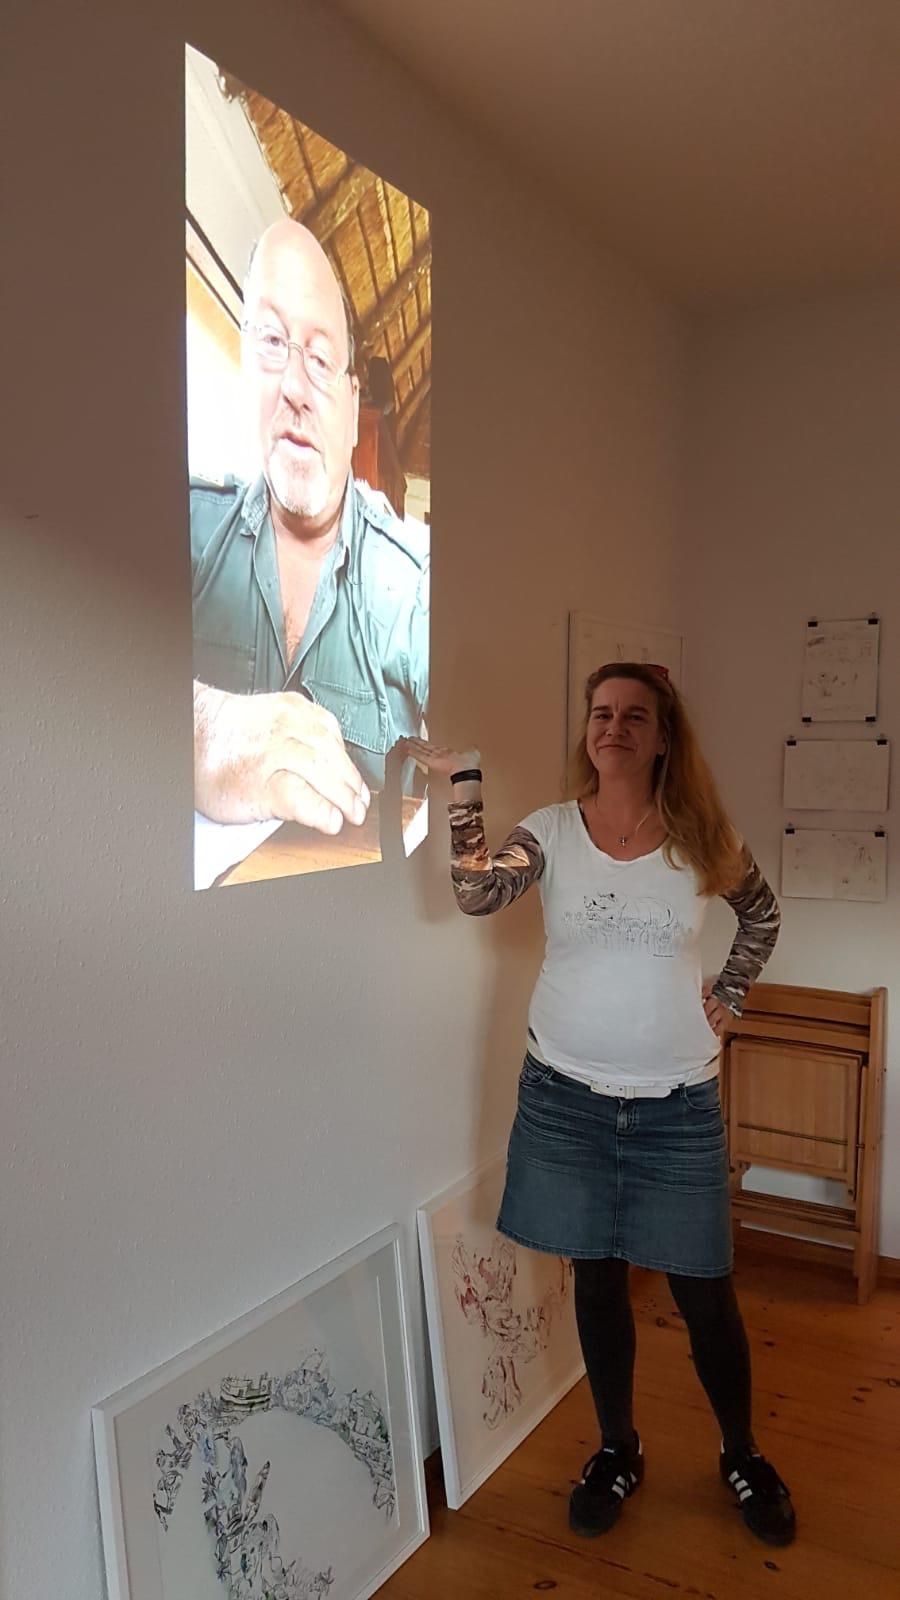 Impressionen vom 22. Kunstsalon Susanne Haun, Thema Naturschutz in Afrika (c) Foto Beate Gernhuber